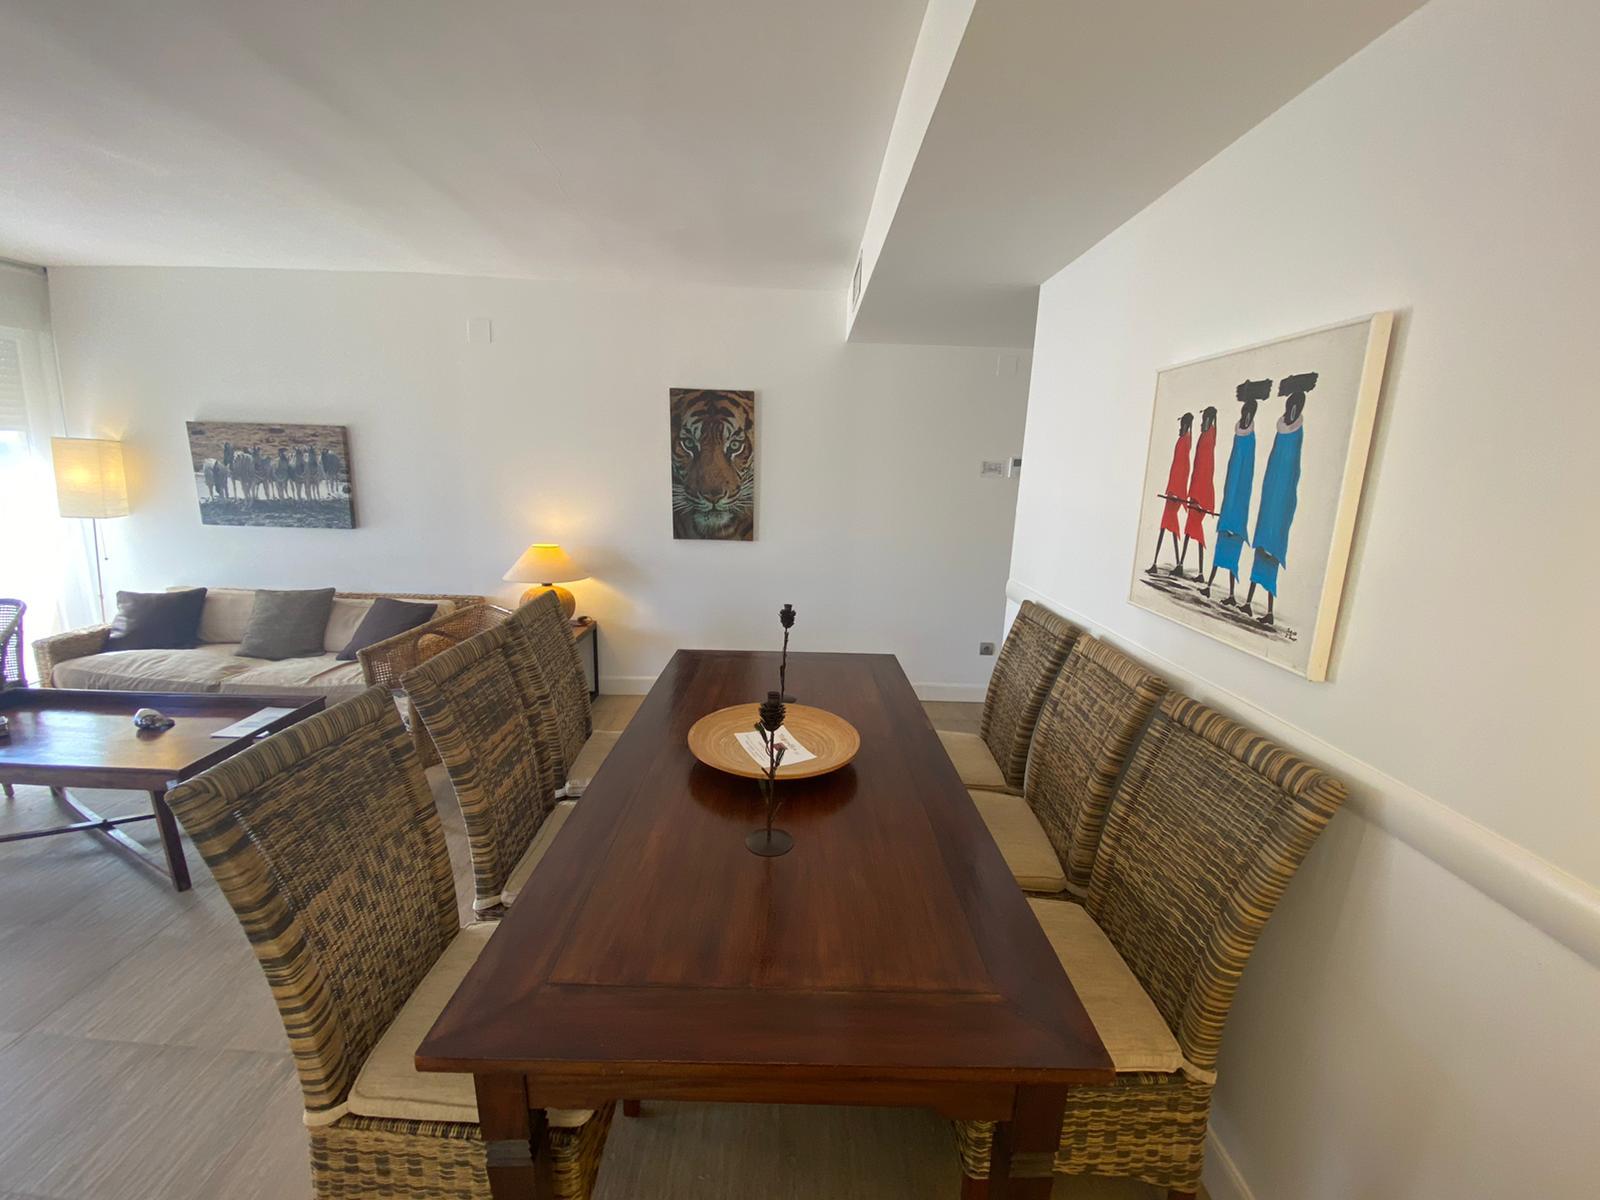 Imagen 6 del Apartamento Turístico, Ático 1 Central (3d+2b), Punta del Moral (HUELVA), Paseo de la Cruz nº22